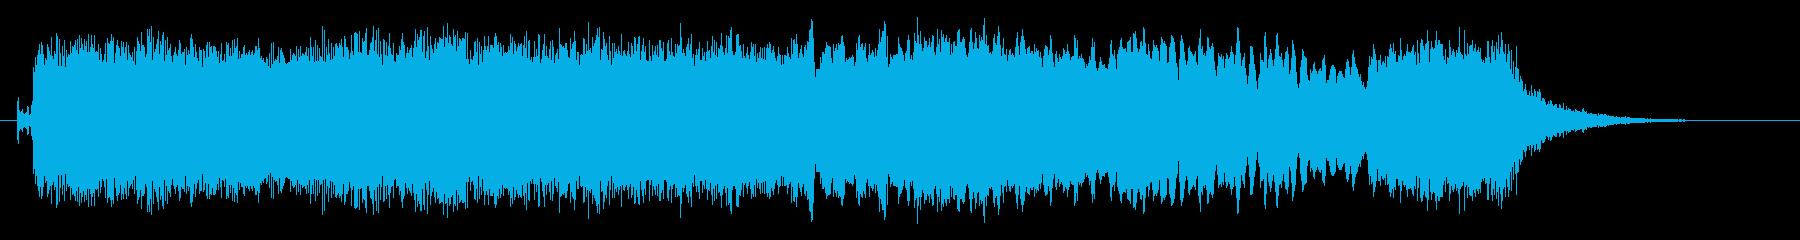 エレクトリックギター:パワーコード...の再生済みの波形